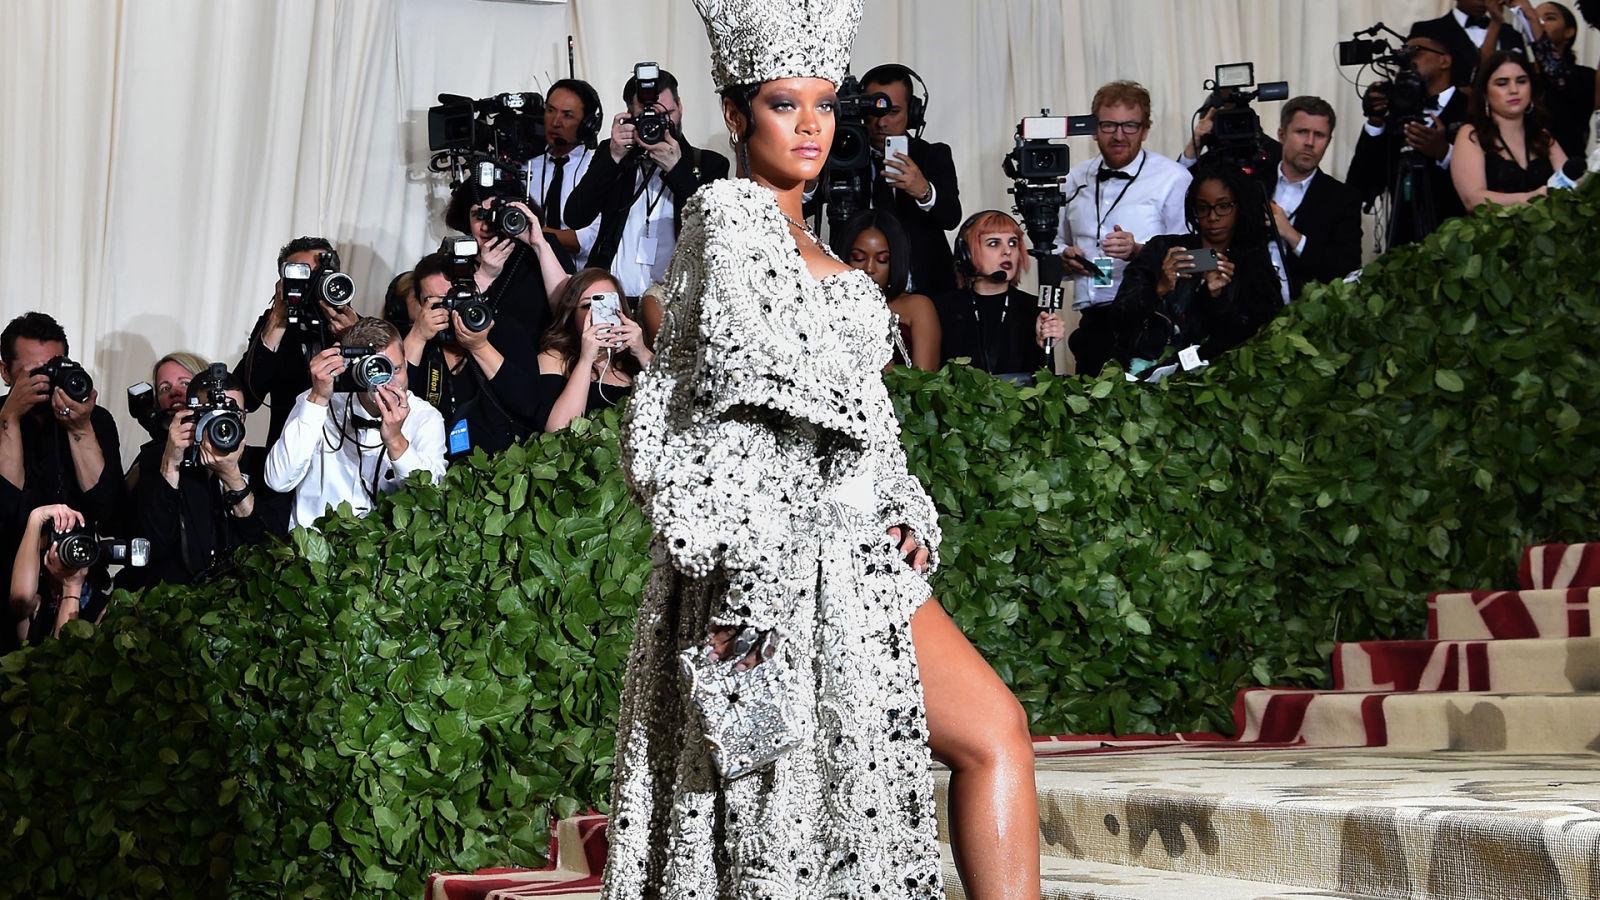 Sigue la Met Gala 2021 en directo, solo en Vogue.es